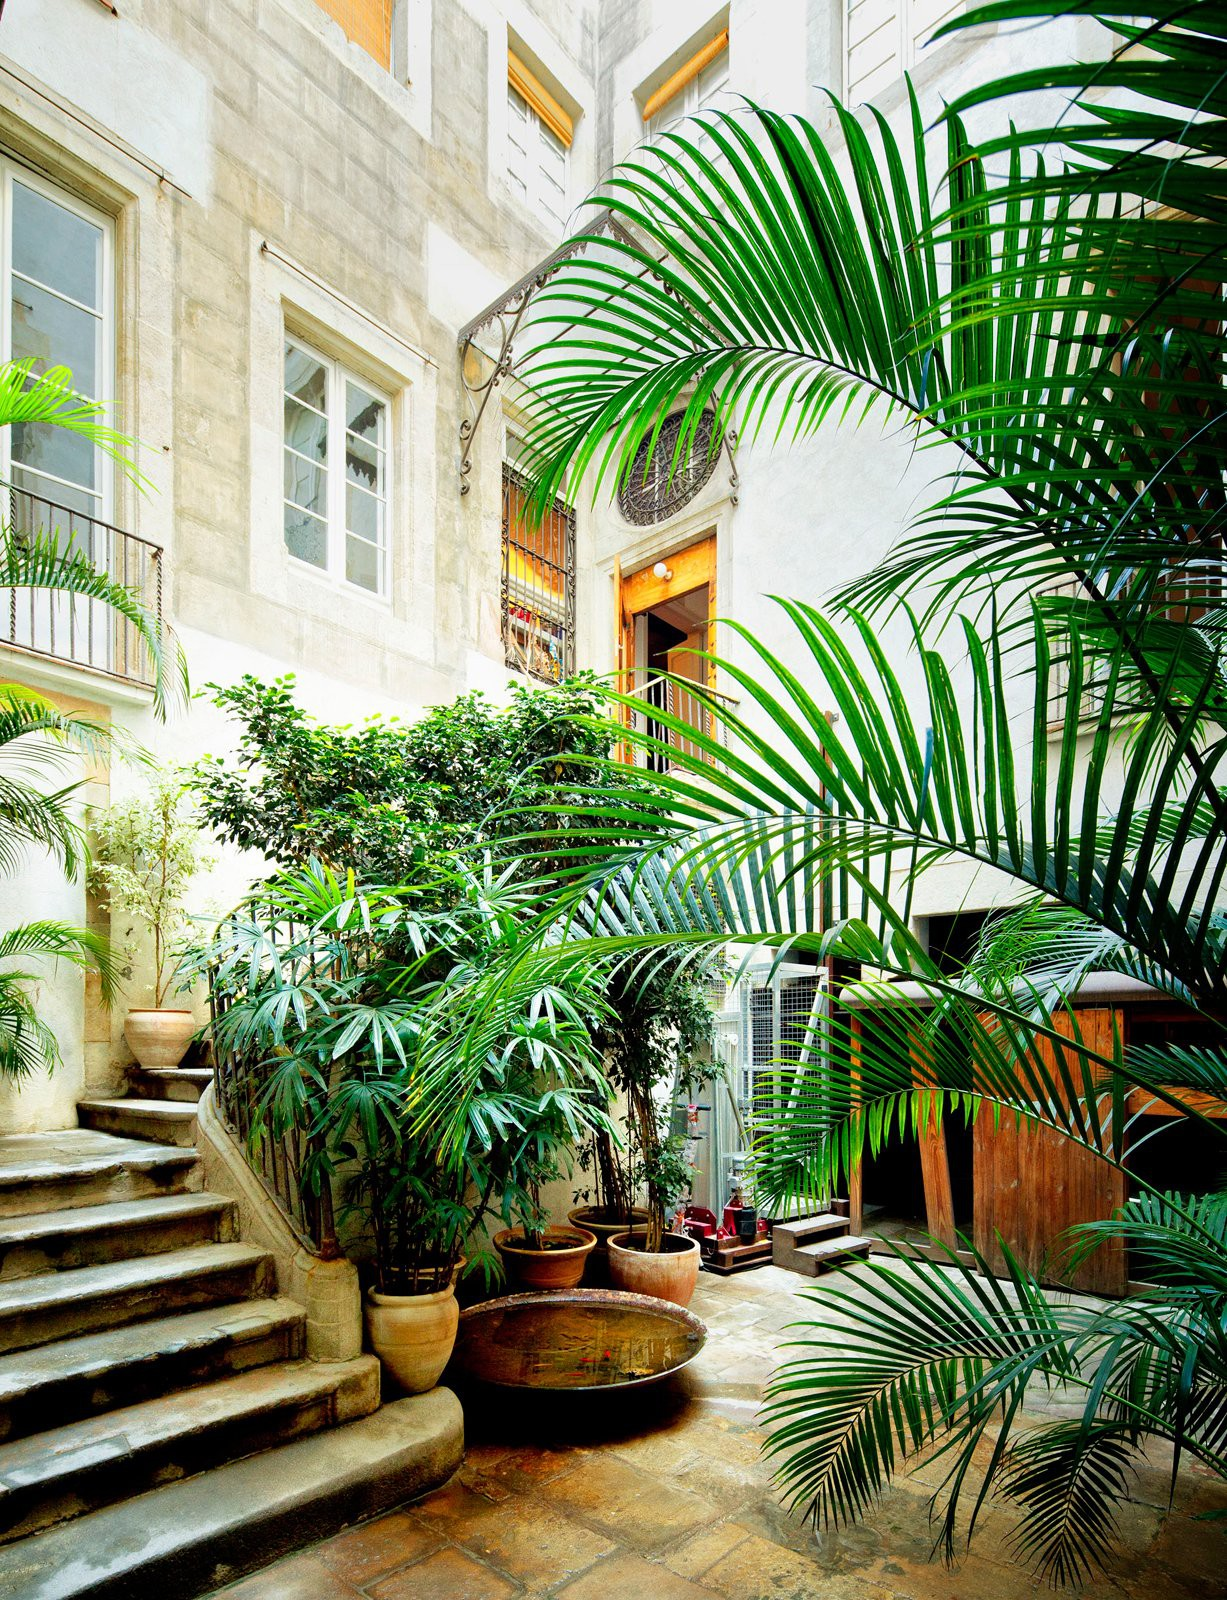 8 kiểu vườn nhỏ xinh ấn tượng của 8 nước trên thế giới, số 3 đem lại điều bất ngờ đặc biệt - Ảnh 6.